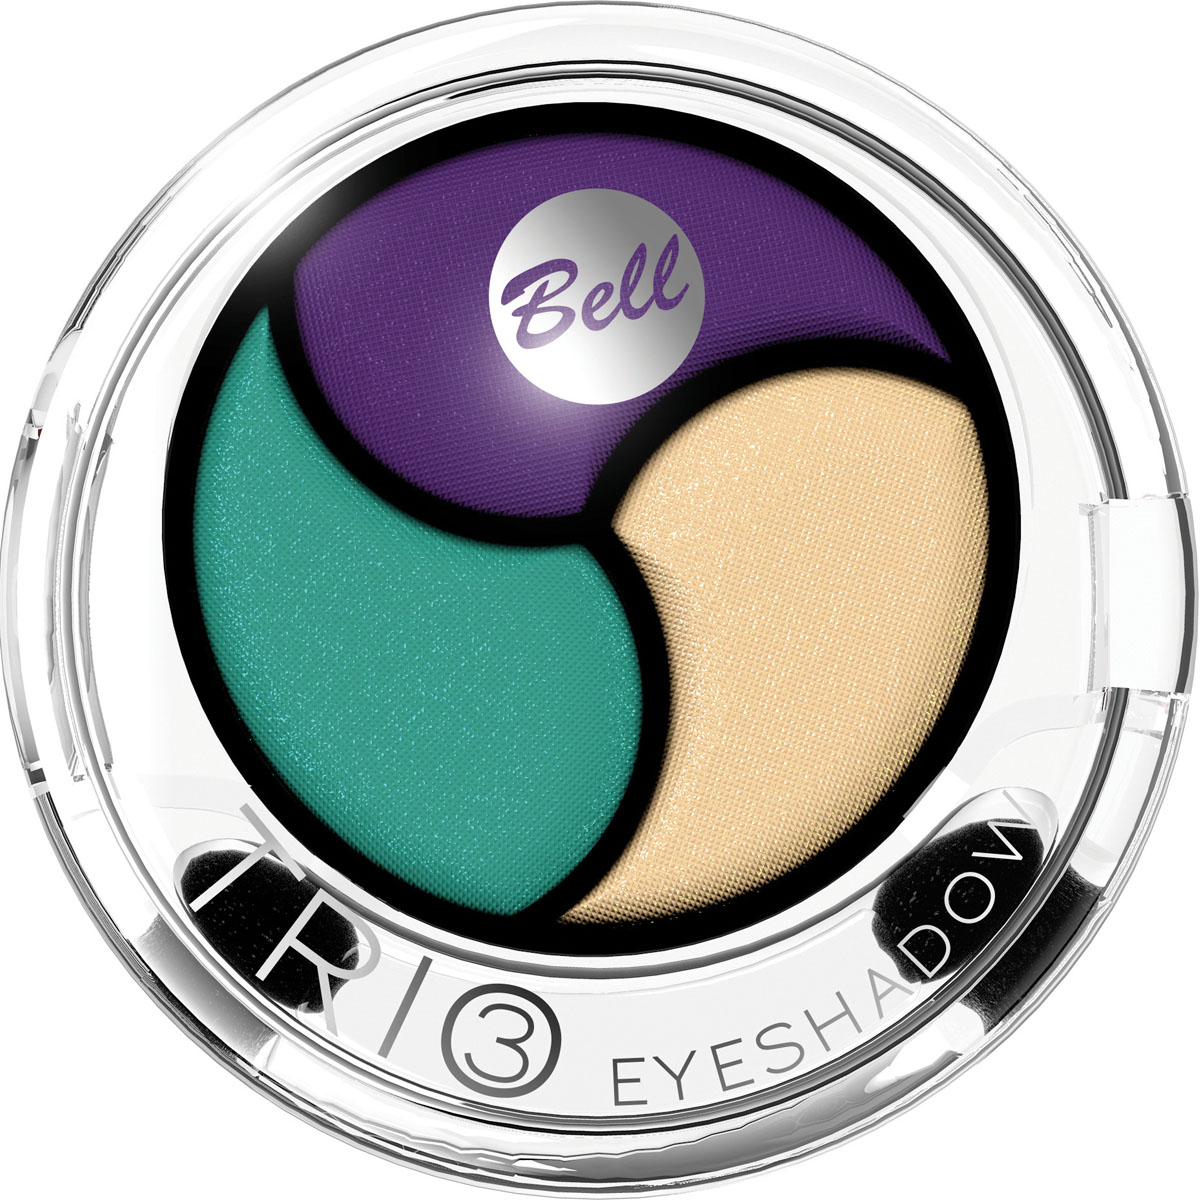 Bell Тени для век 3х Цветные Trio Eyeshadow 4 гр1301210Инновационная технология обеспечивает насыщенность цвета, удобство аппликации, а также необыкновенную стойкость.Тени содержат пигменты, которые находятся в капсуле с маслом жожоба, обладающим увлажняющими свойствами, гарантируя кремовый эффект. Тени представлены в шести цветовых наборах, которые позволят создать идеальный макияж глаз. Тон 4